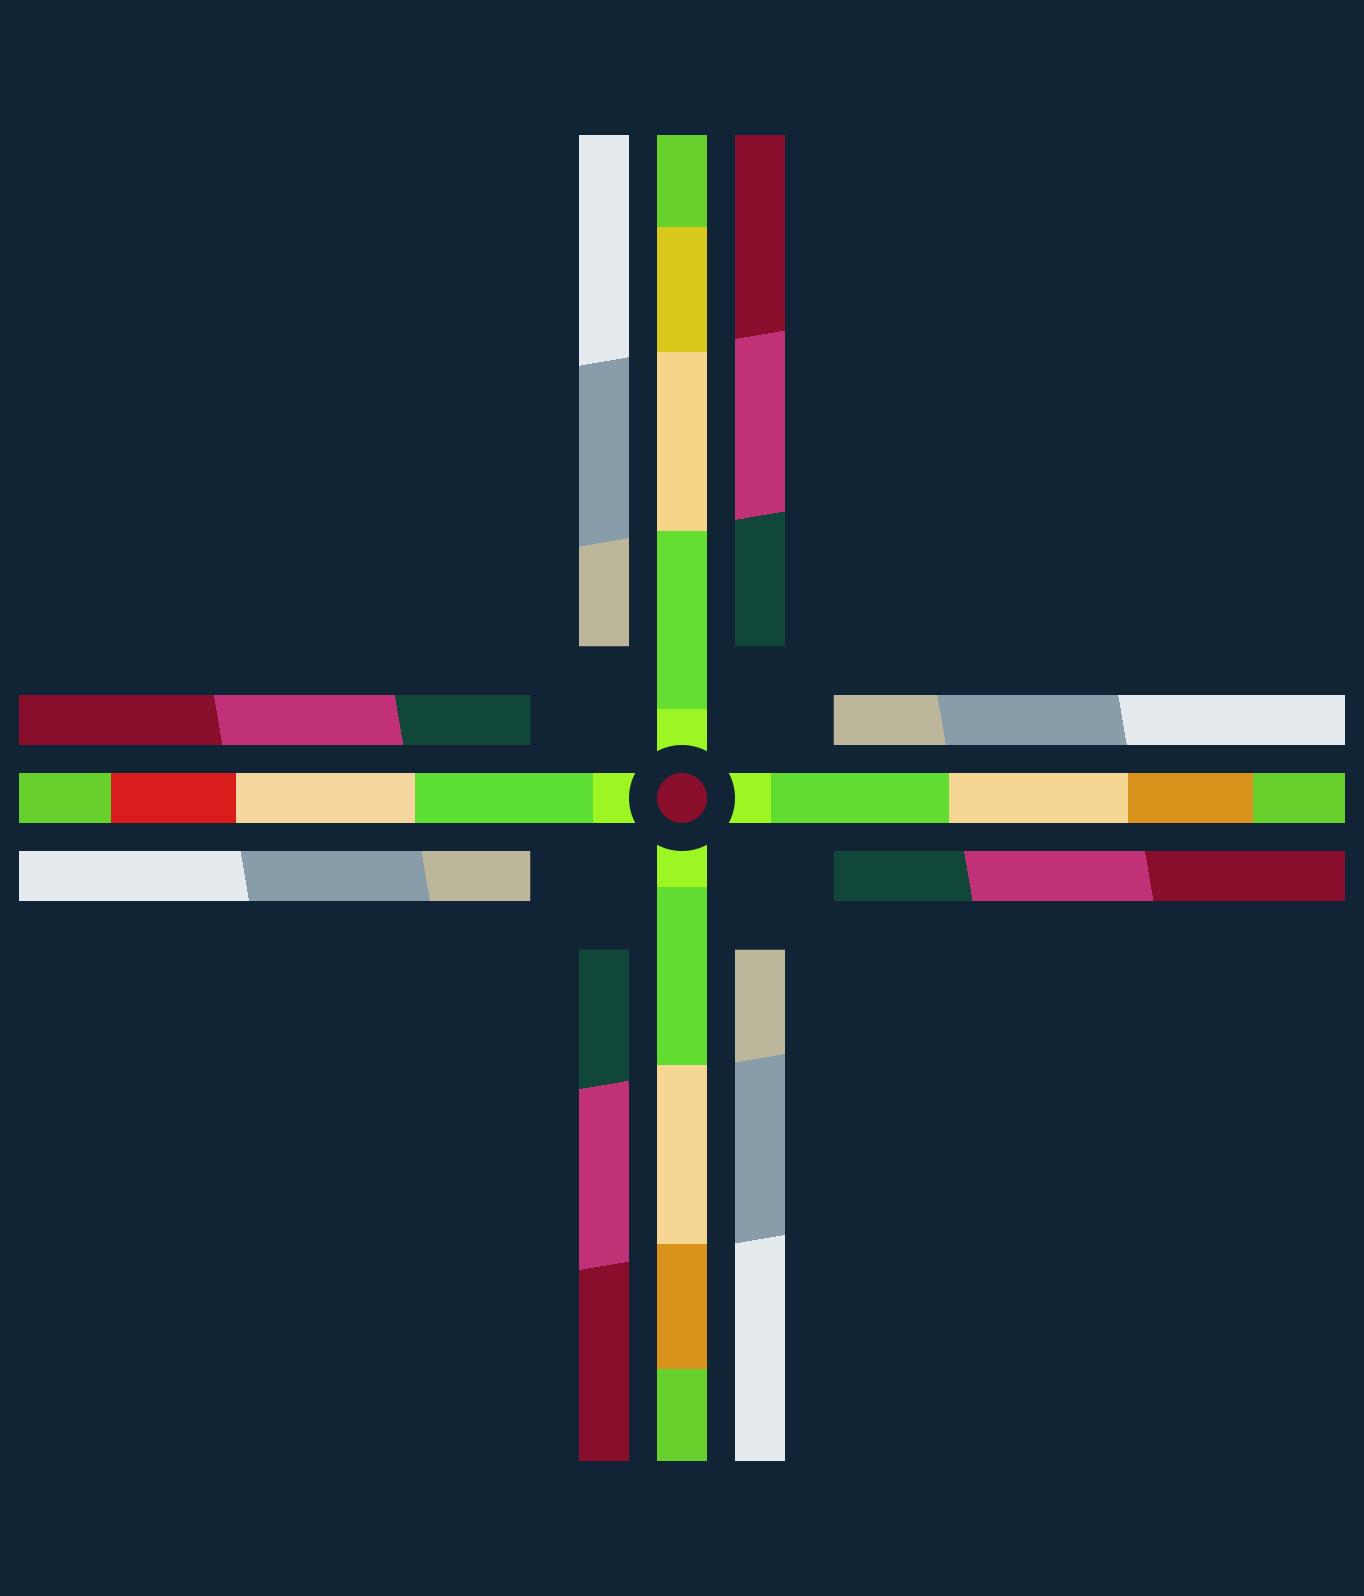 isolation-pixel-static-54